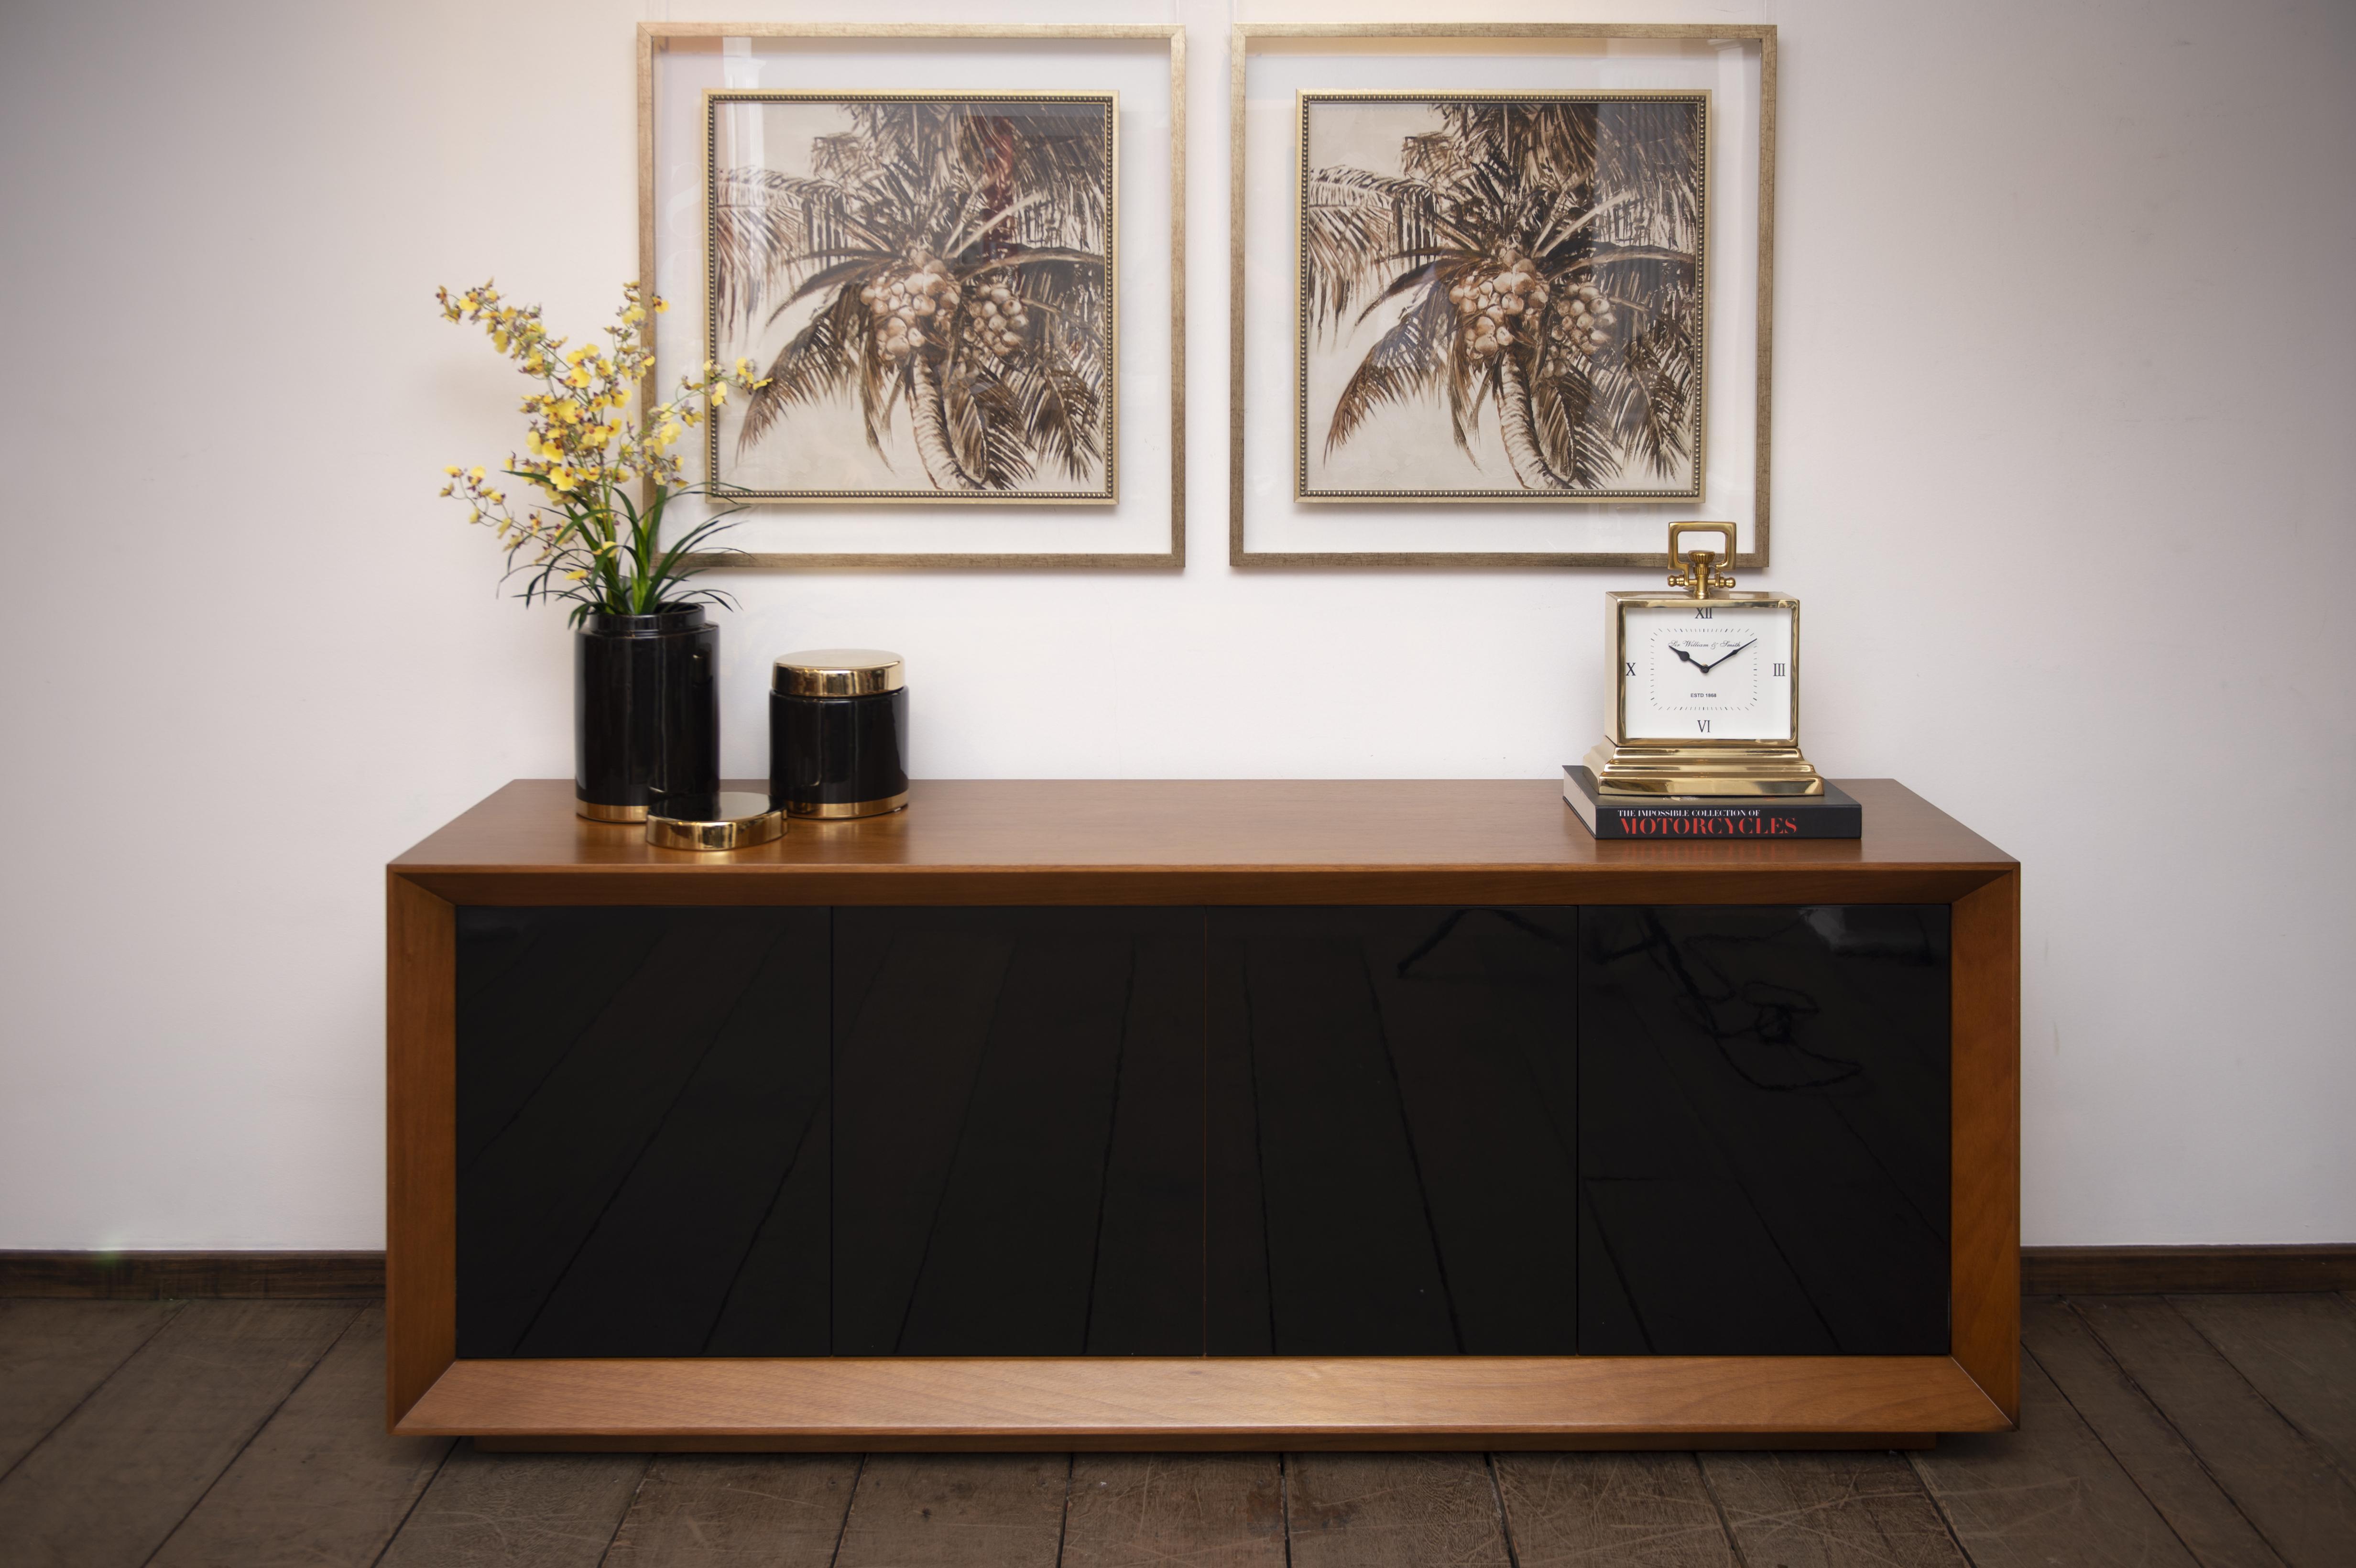 Buffet Sleek Black, com portas em laca preta e estrutura em madeira tipo imbuia - Cecilia Dale